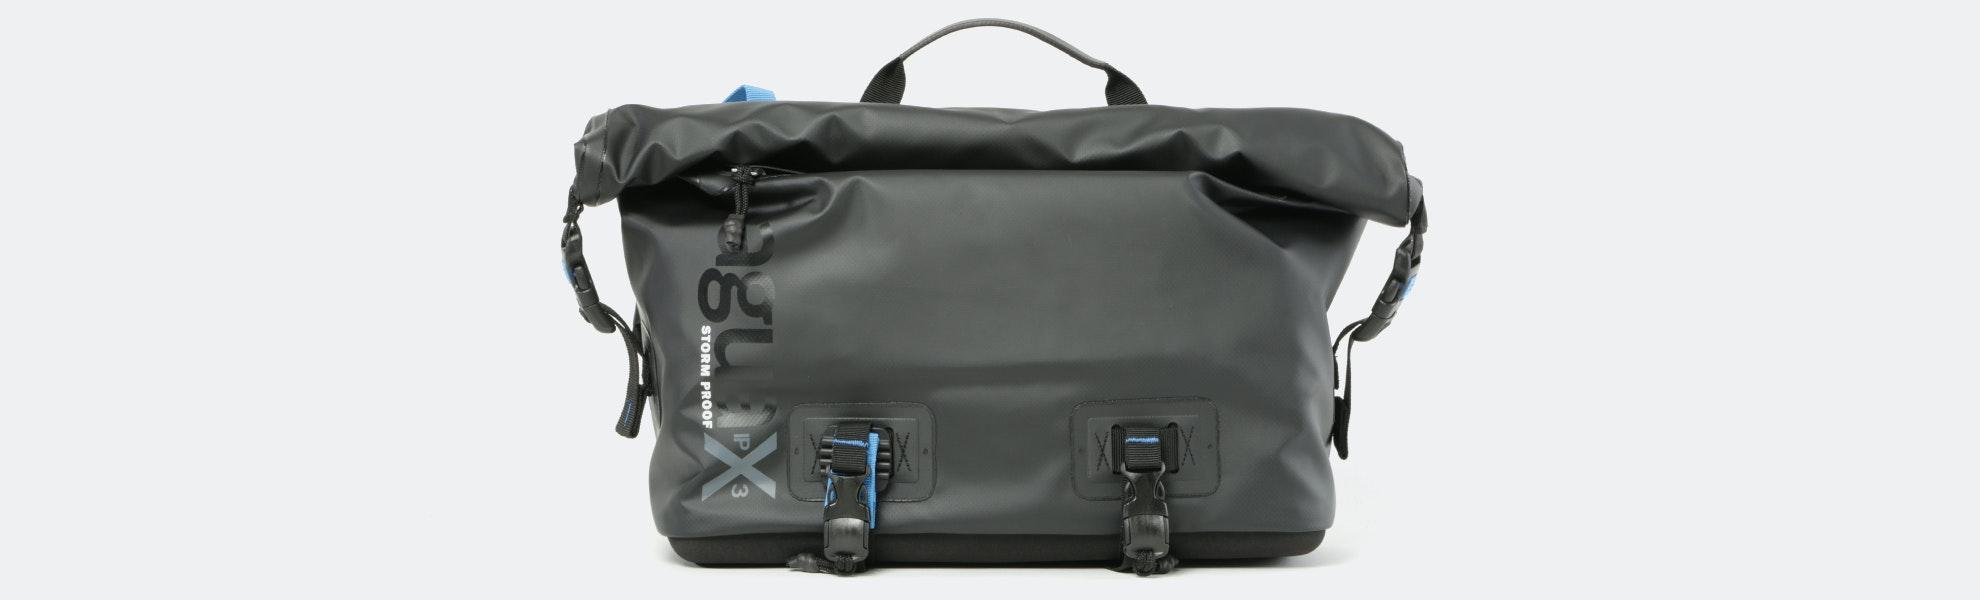 Miggo Agua Stormproof Bags